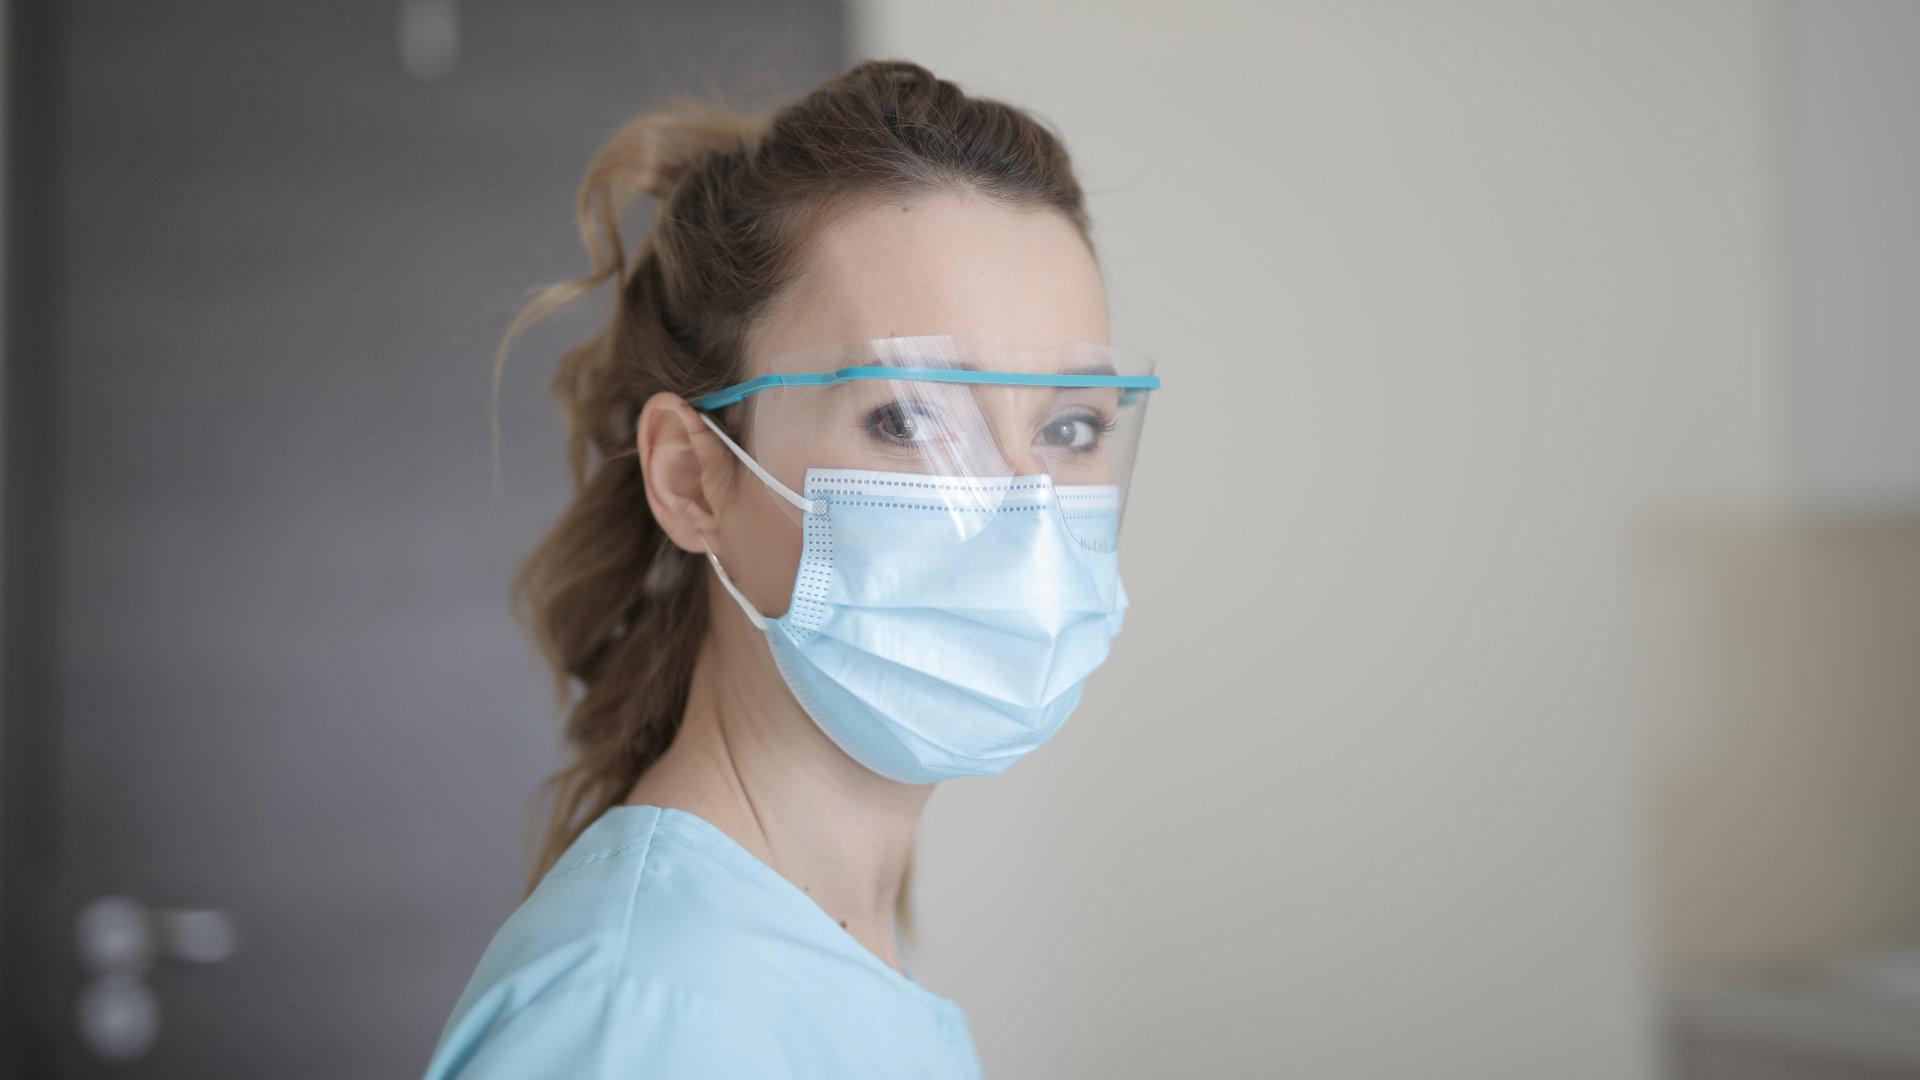 Pflege in Zeiten der Pandemie – gestern geklatscht, heute gewatscht?